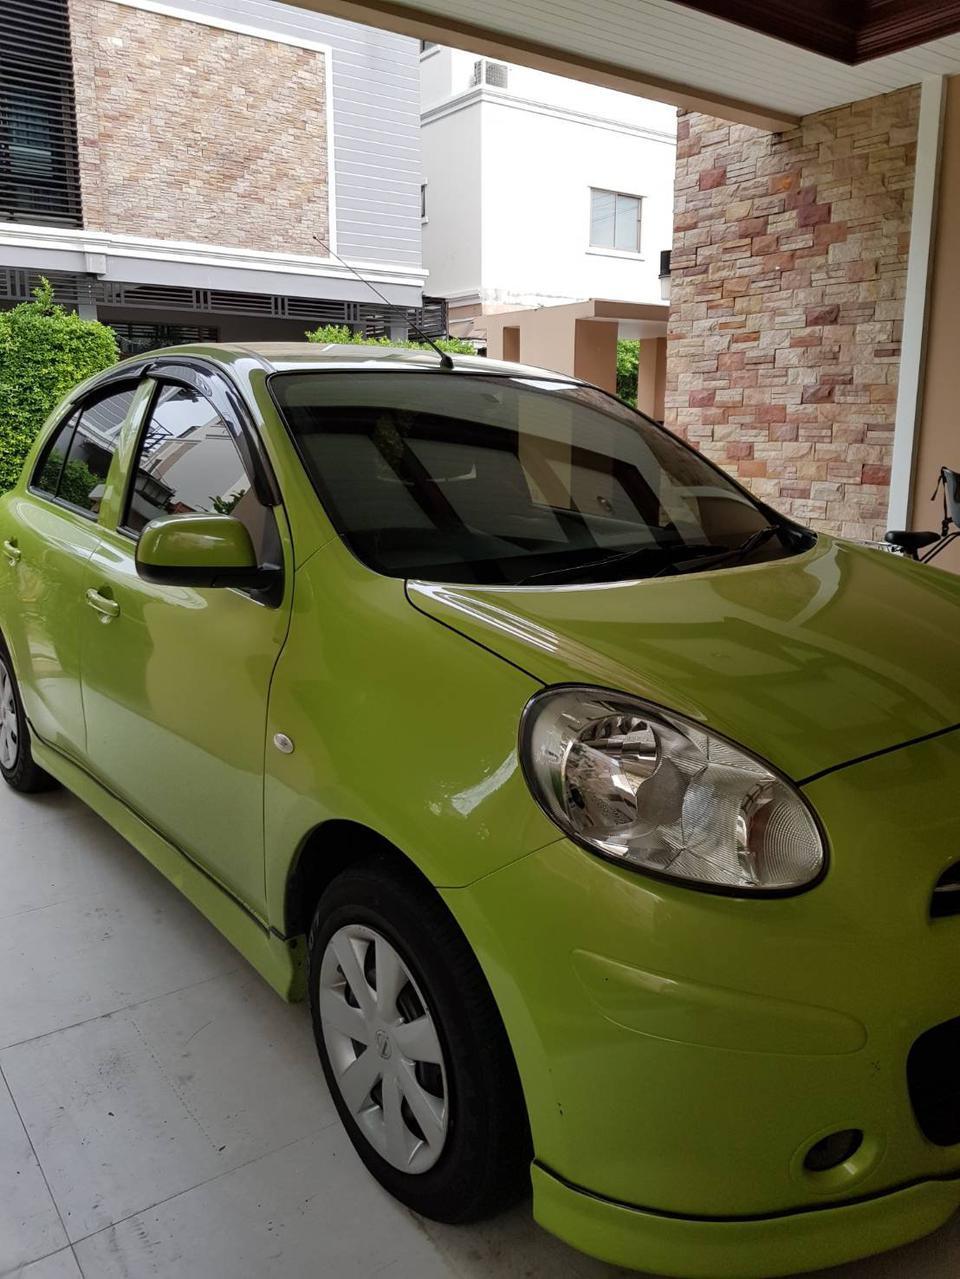 ขายรถเก๋ง Nissan March  2011 เขต ยานนาวา จังหวัด กทม. รูปที่ 4